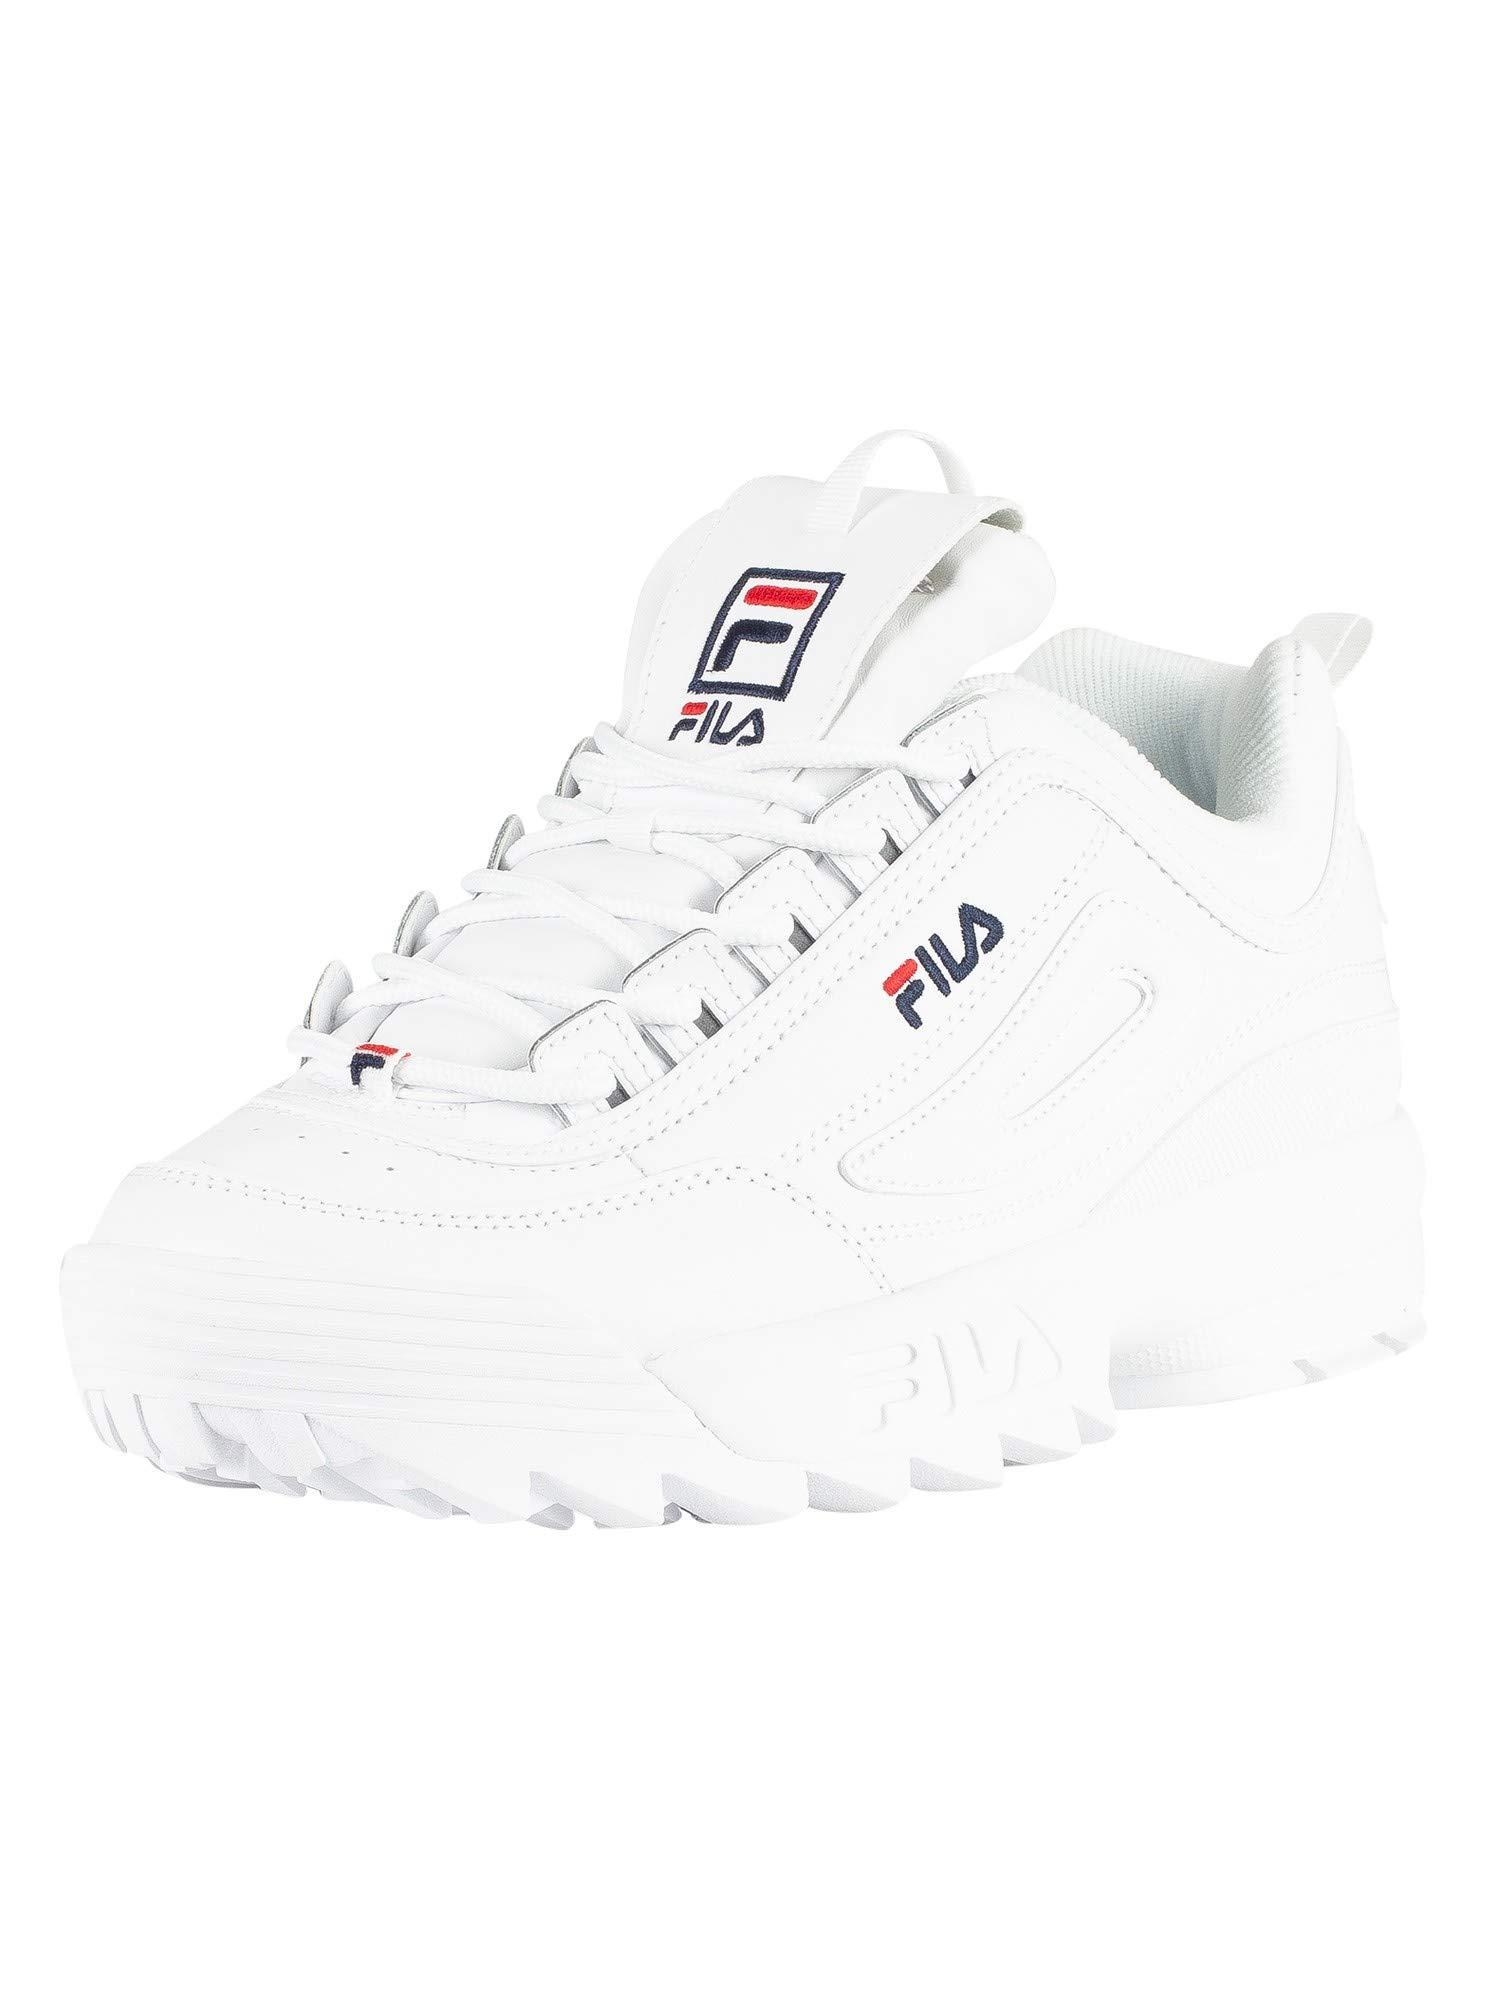 Fila Mujer Blanco Disruptor II Premium Zapatillas – LAS MEJORES ... fc3761b1bf6